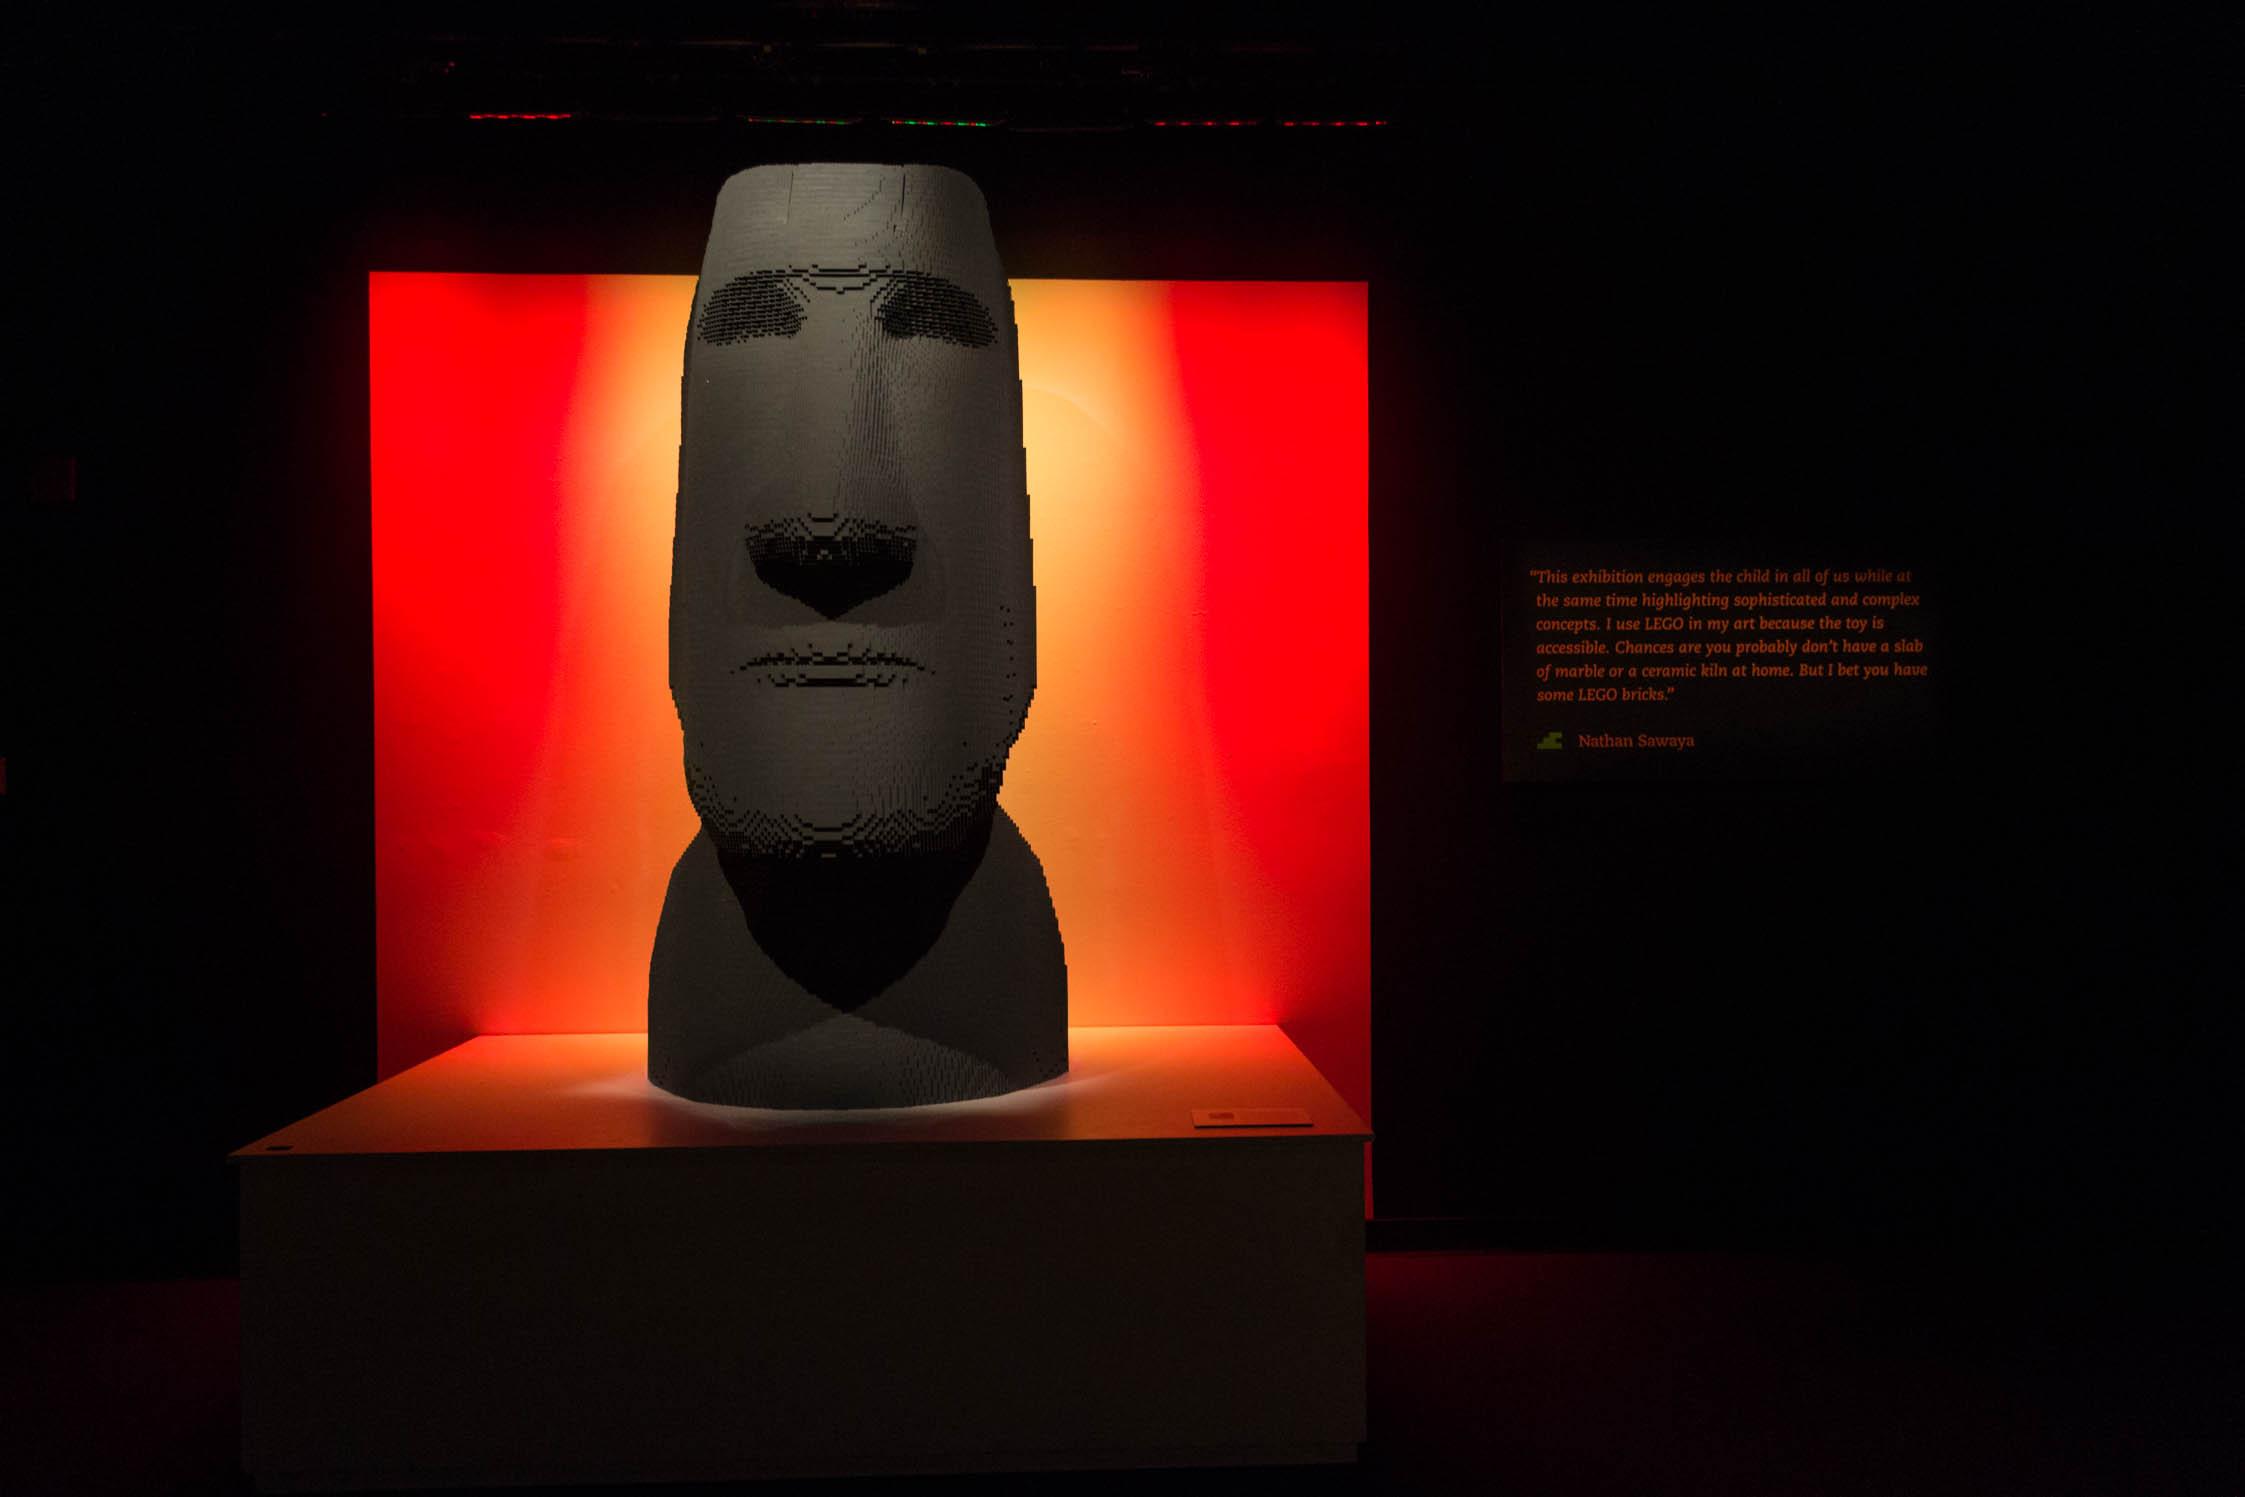 Une statue de l'île de Pâques reproduite en LEGO (75 450 pièces)